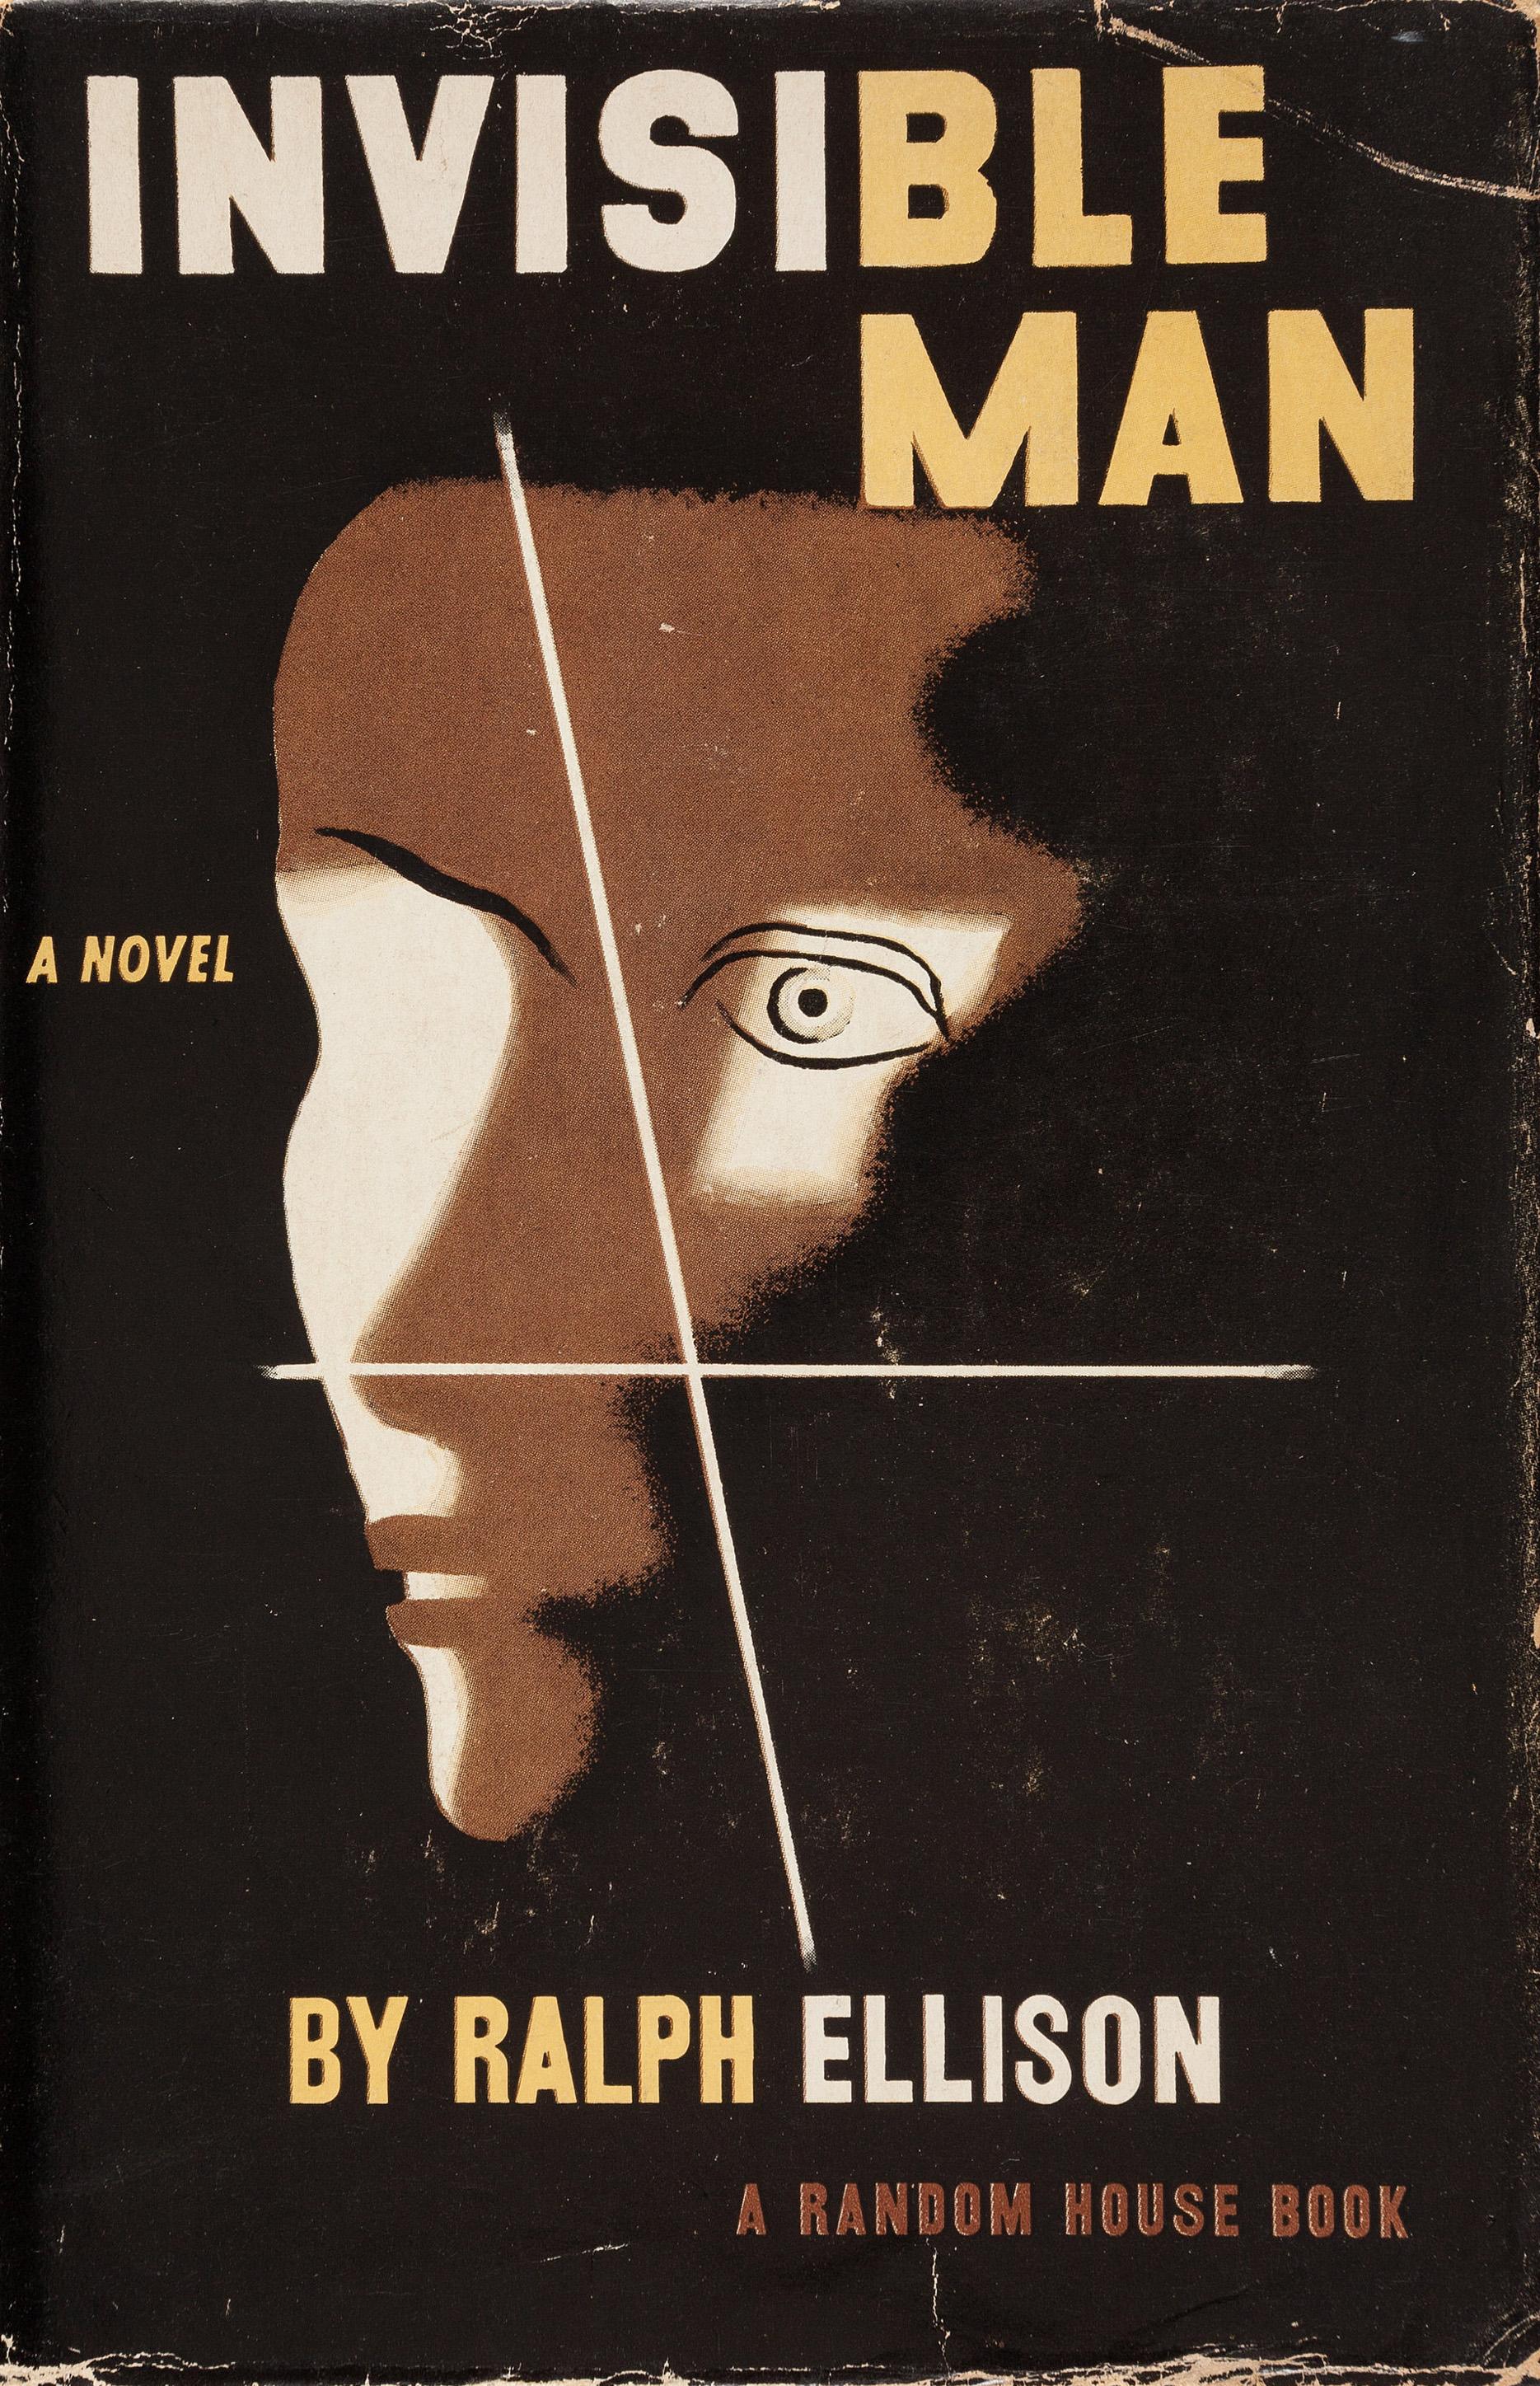 Invisible Man - Wikipedia